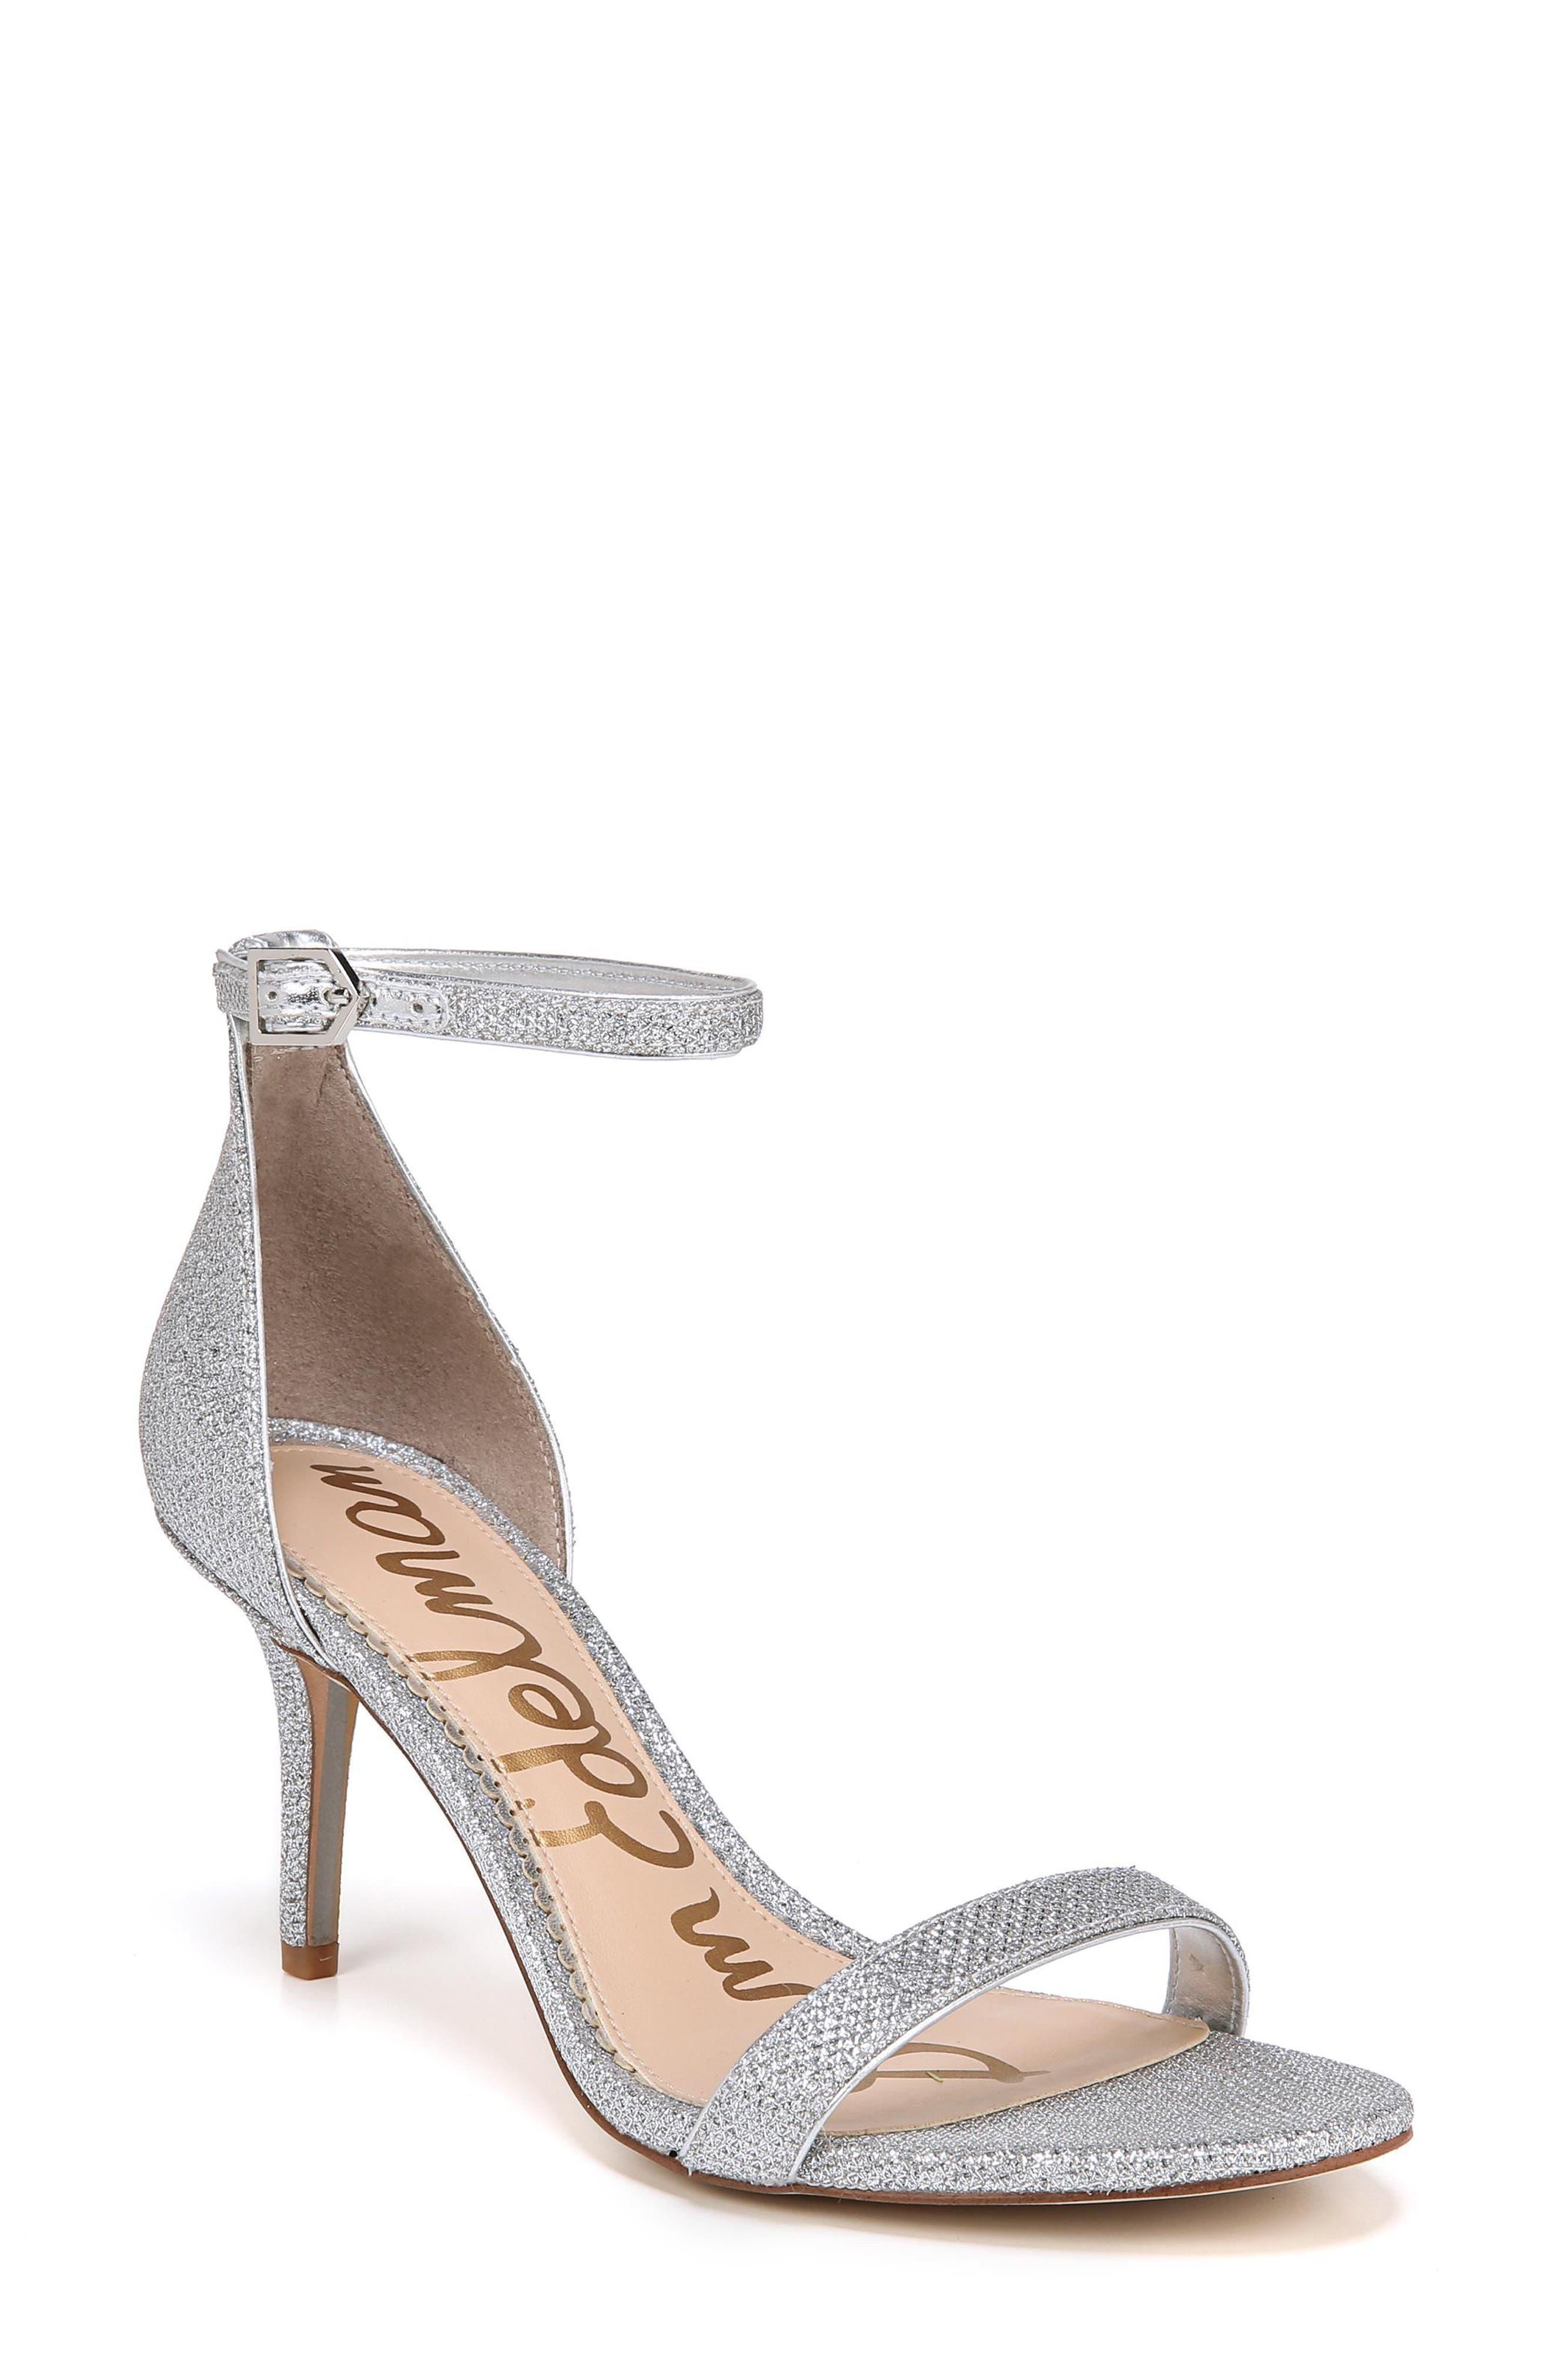 ded45143ca8 Women's Heeled Sandals | Nordstrom